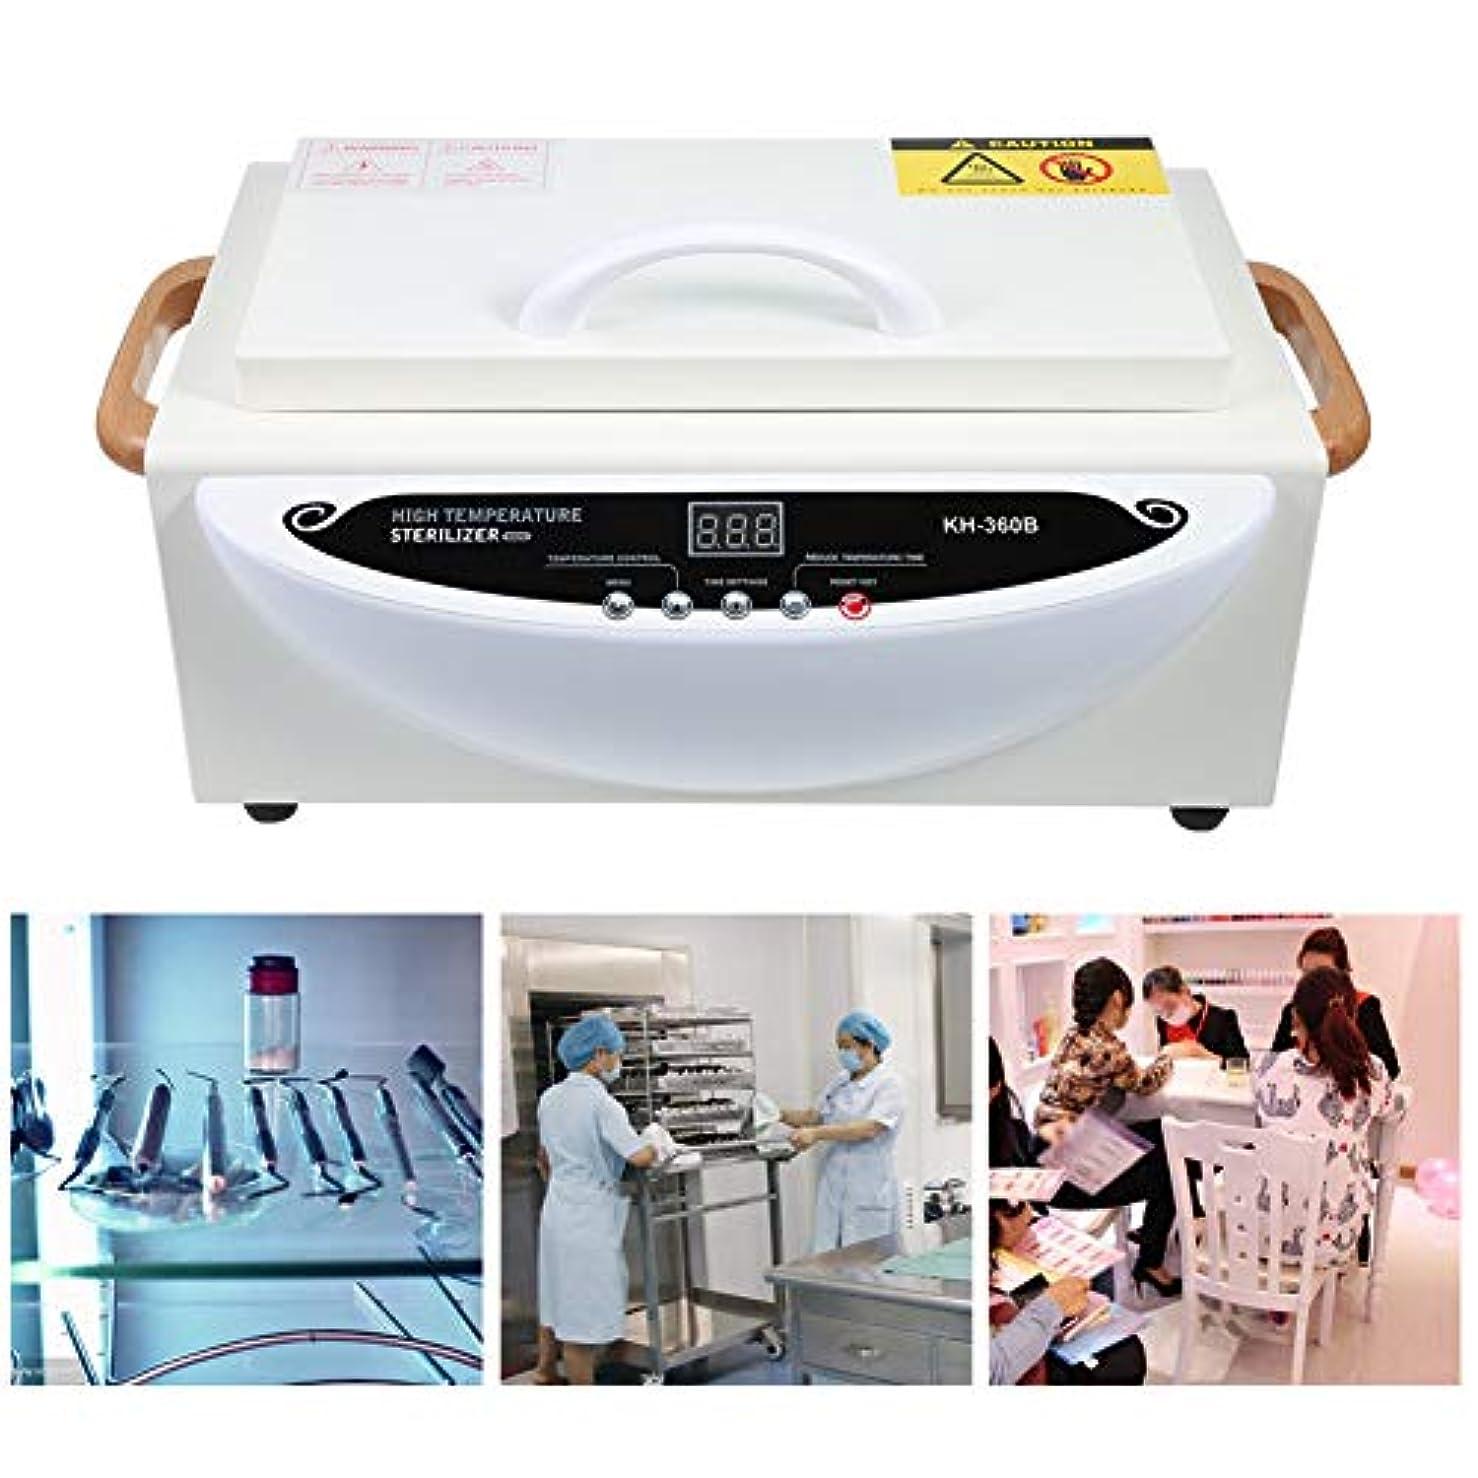 フィヨルド代数シールド220V高温滅菌器電気マニキュアネイルツール消毒キャビネットポータブル機器滅菌ツール